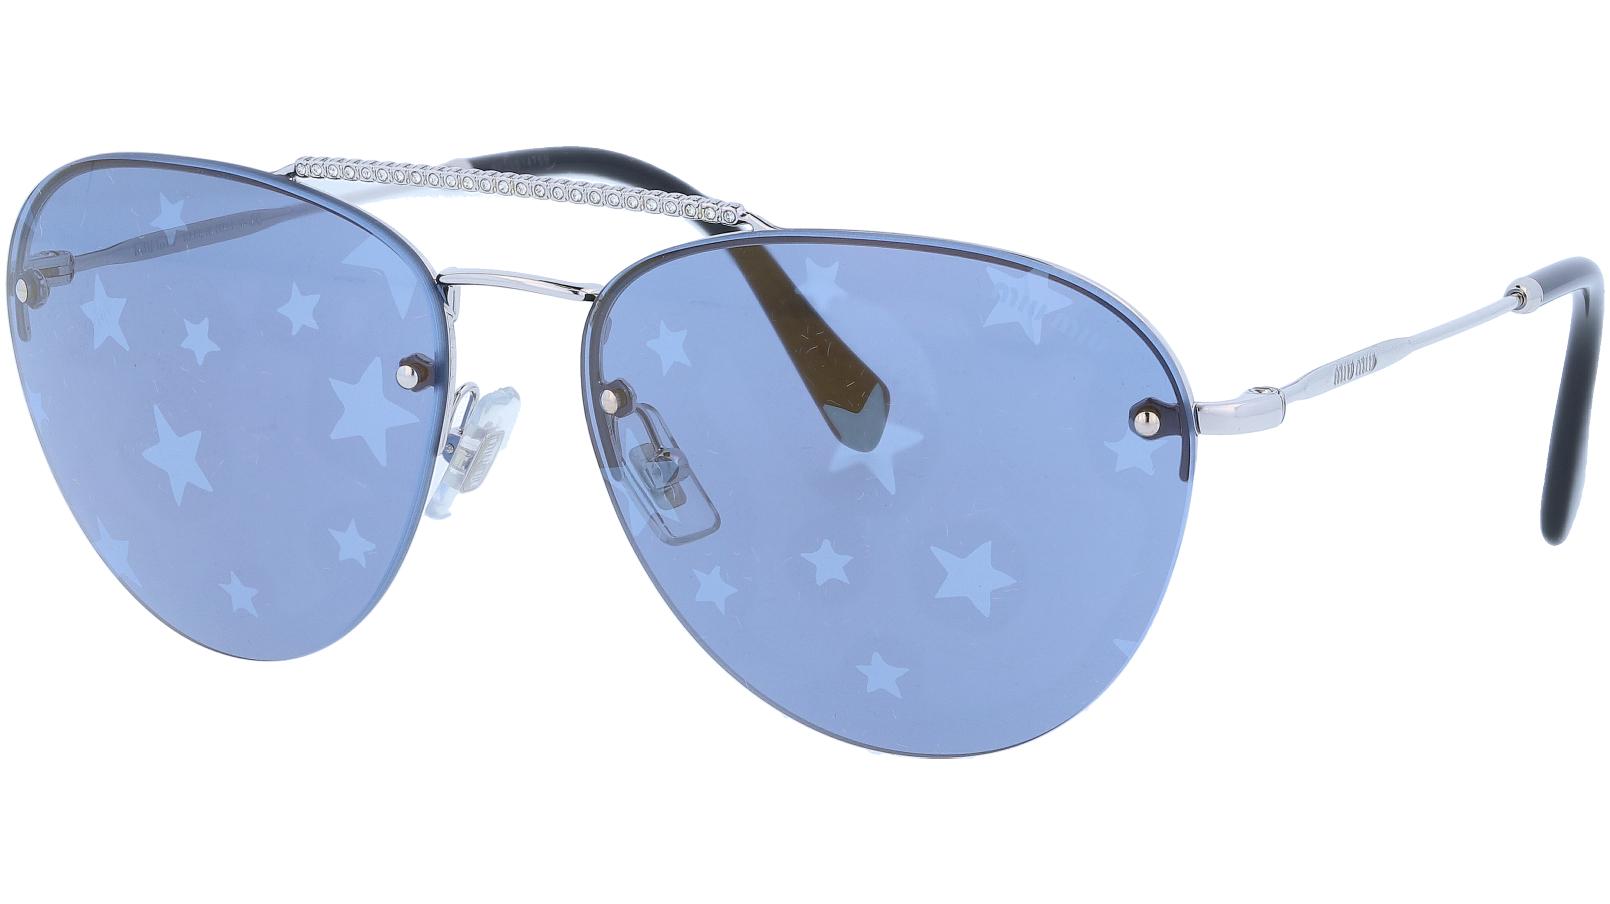 MIU MIU MU54US 1BC182 59 Silver Blue Sunglasses